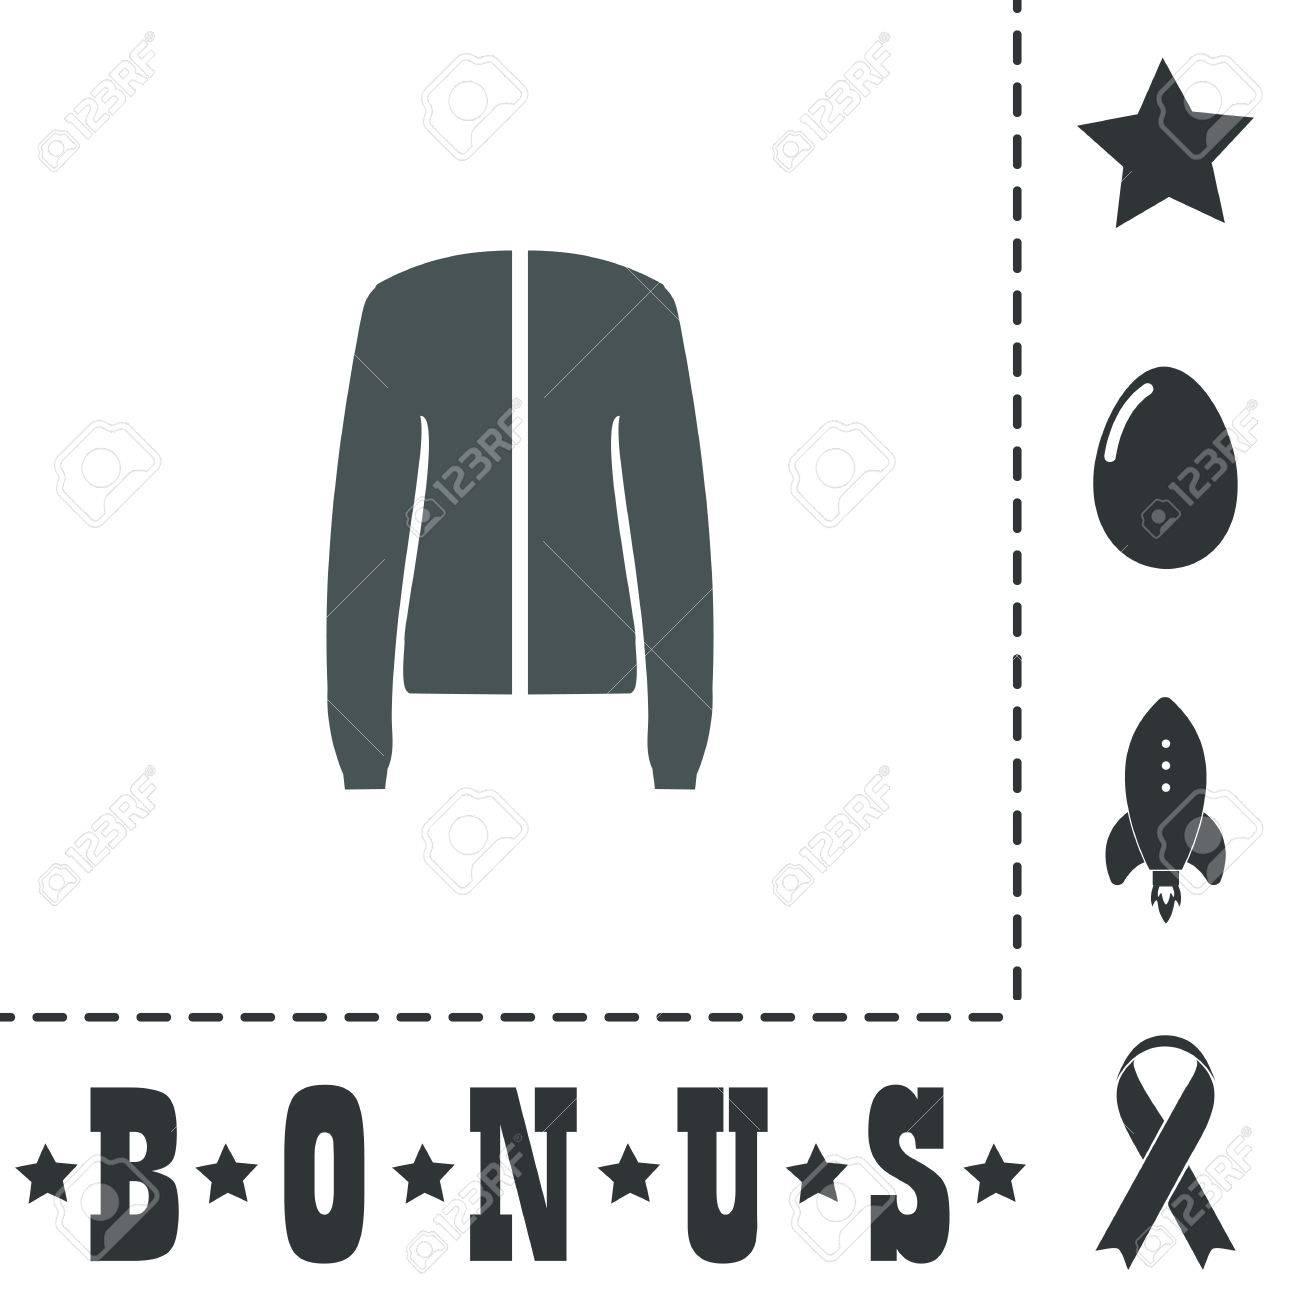 Jacke. Einfache flache Symbol Symbol auf weißem Hintergrund. Vector illustration Piktogramm und Bonus Symbole